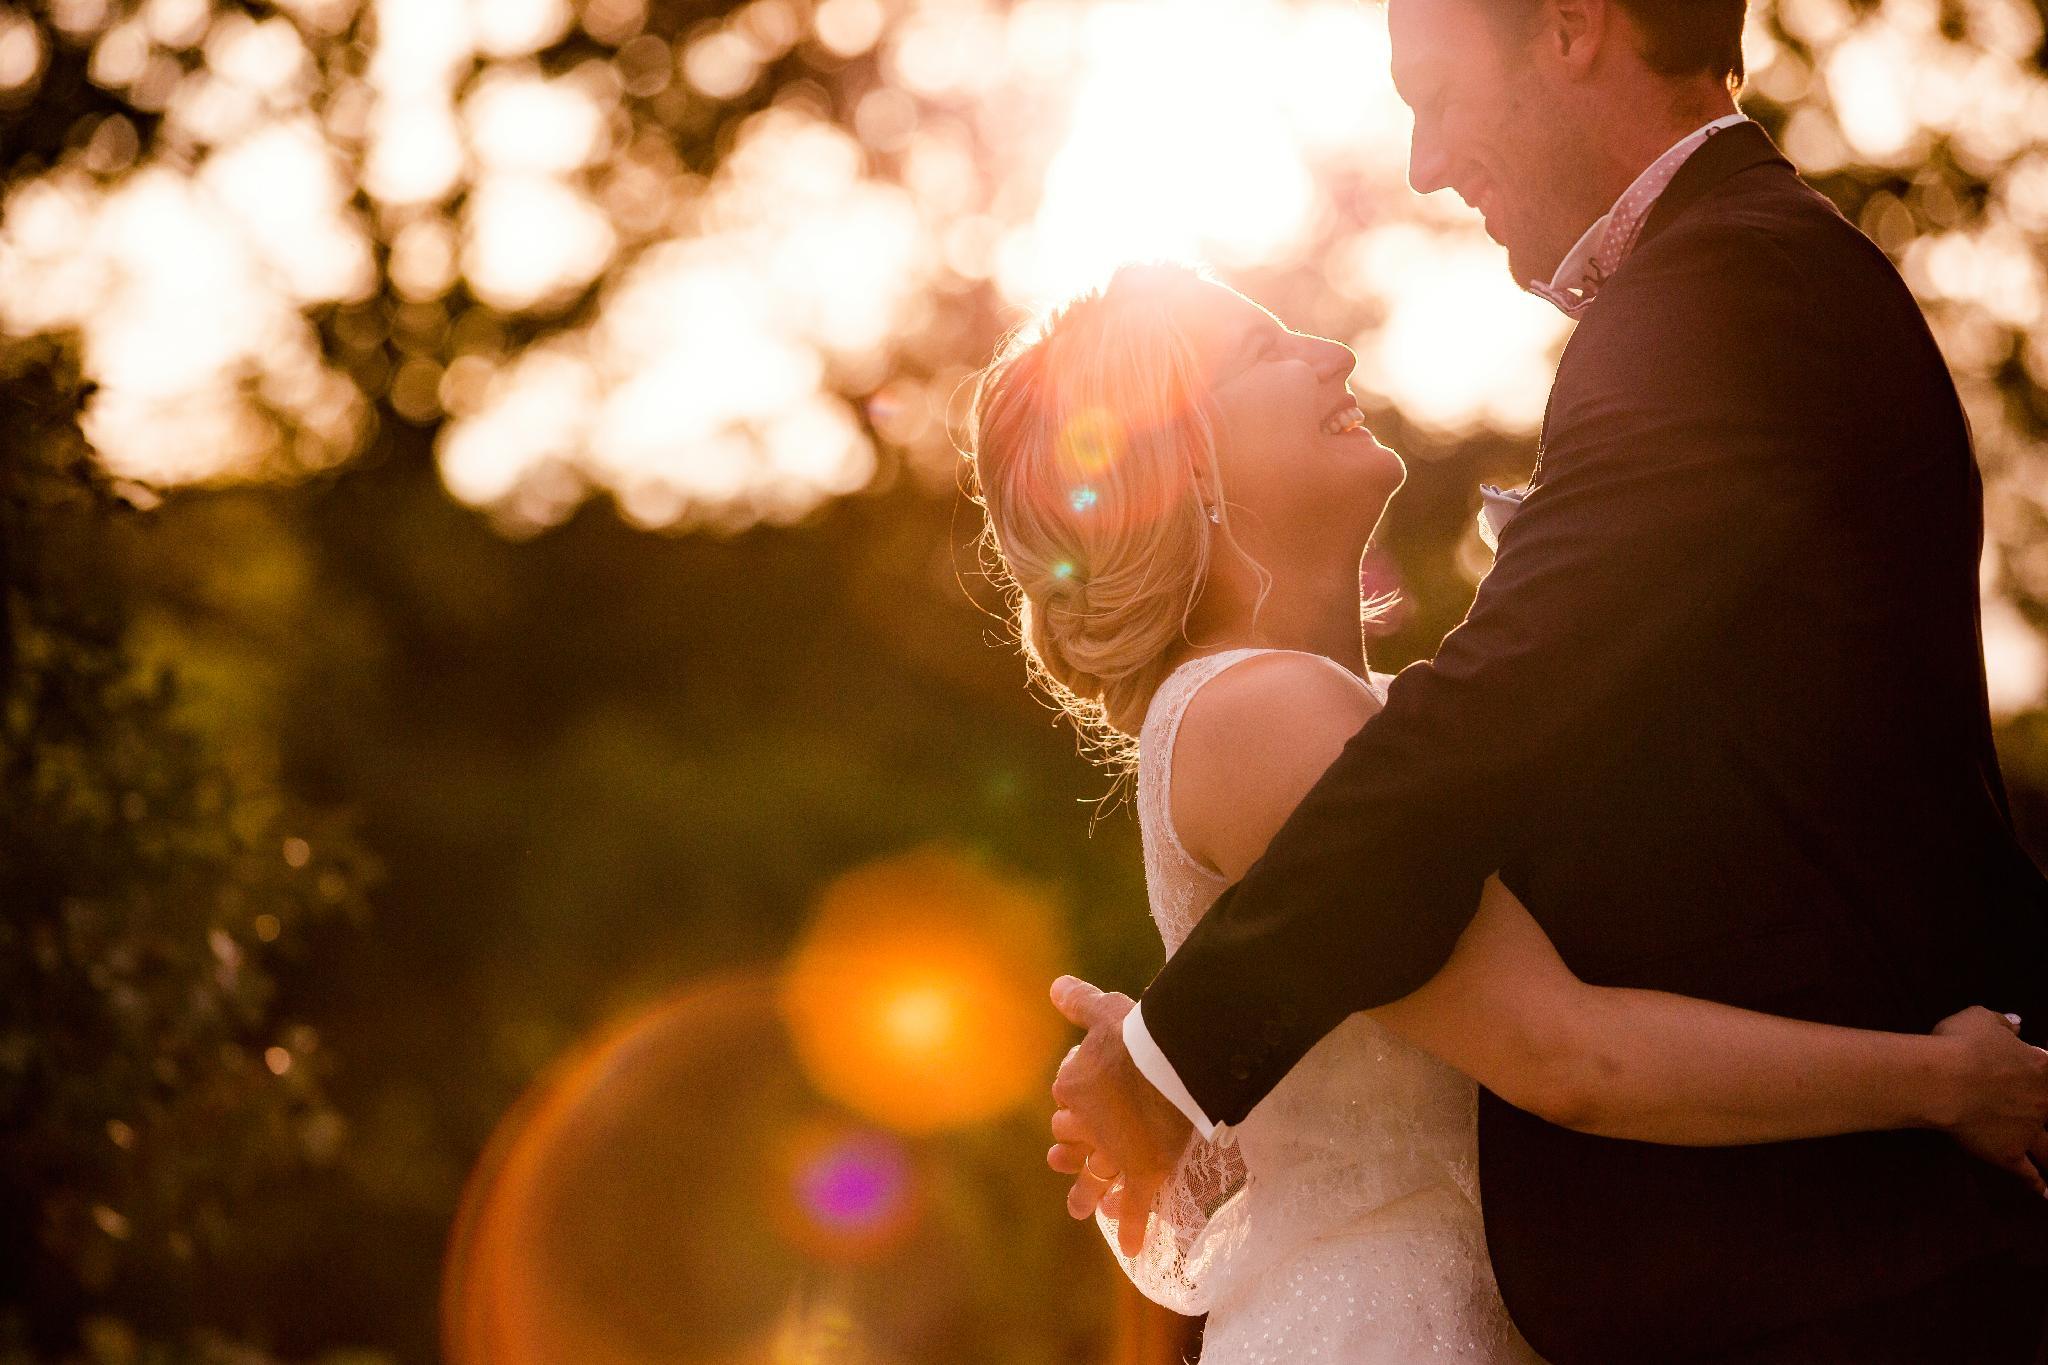 Marié au coucher de soleil